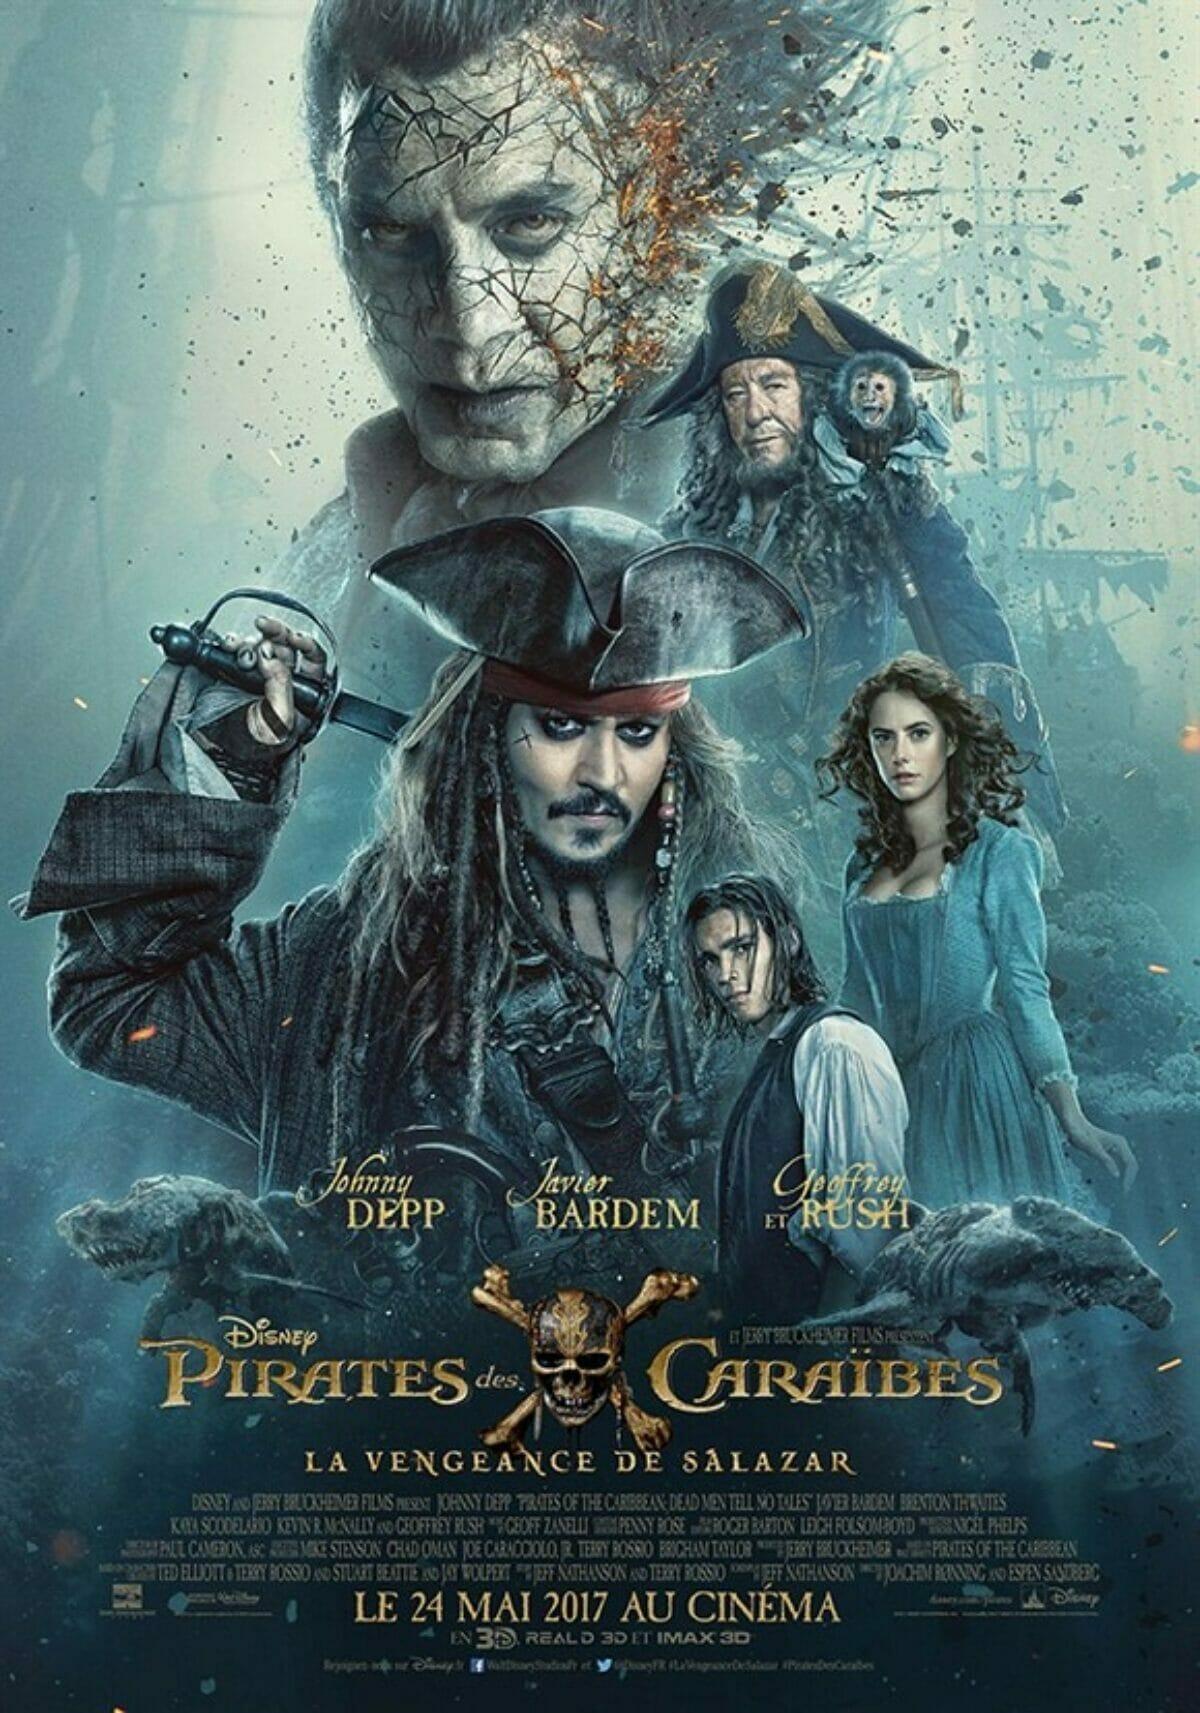 Pirates-des-Caraïbes-la-vengeance-de-Salazar-poster